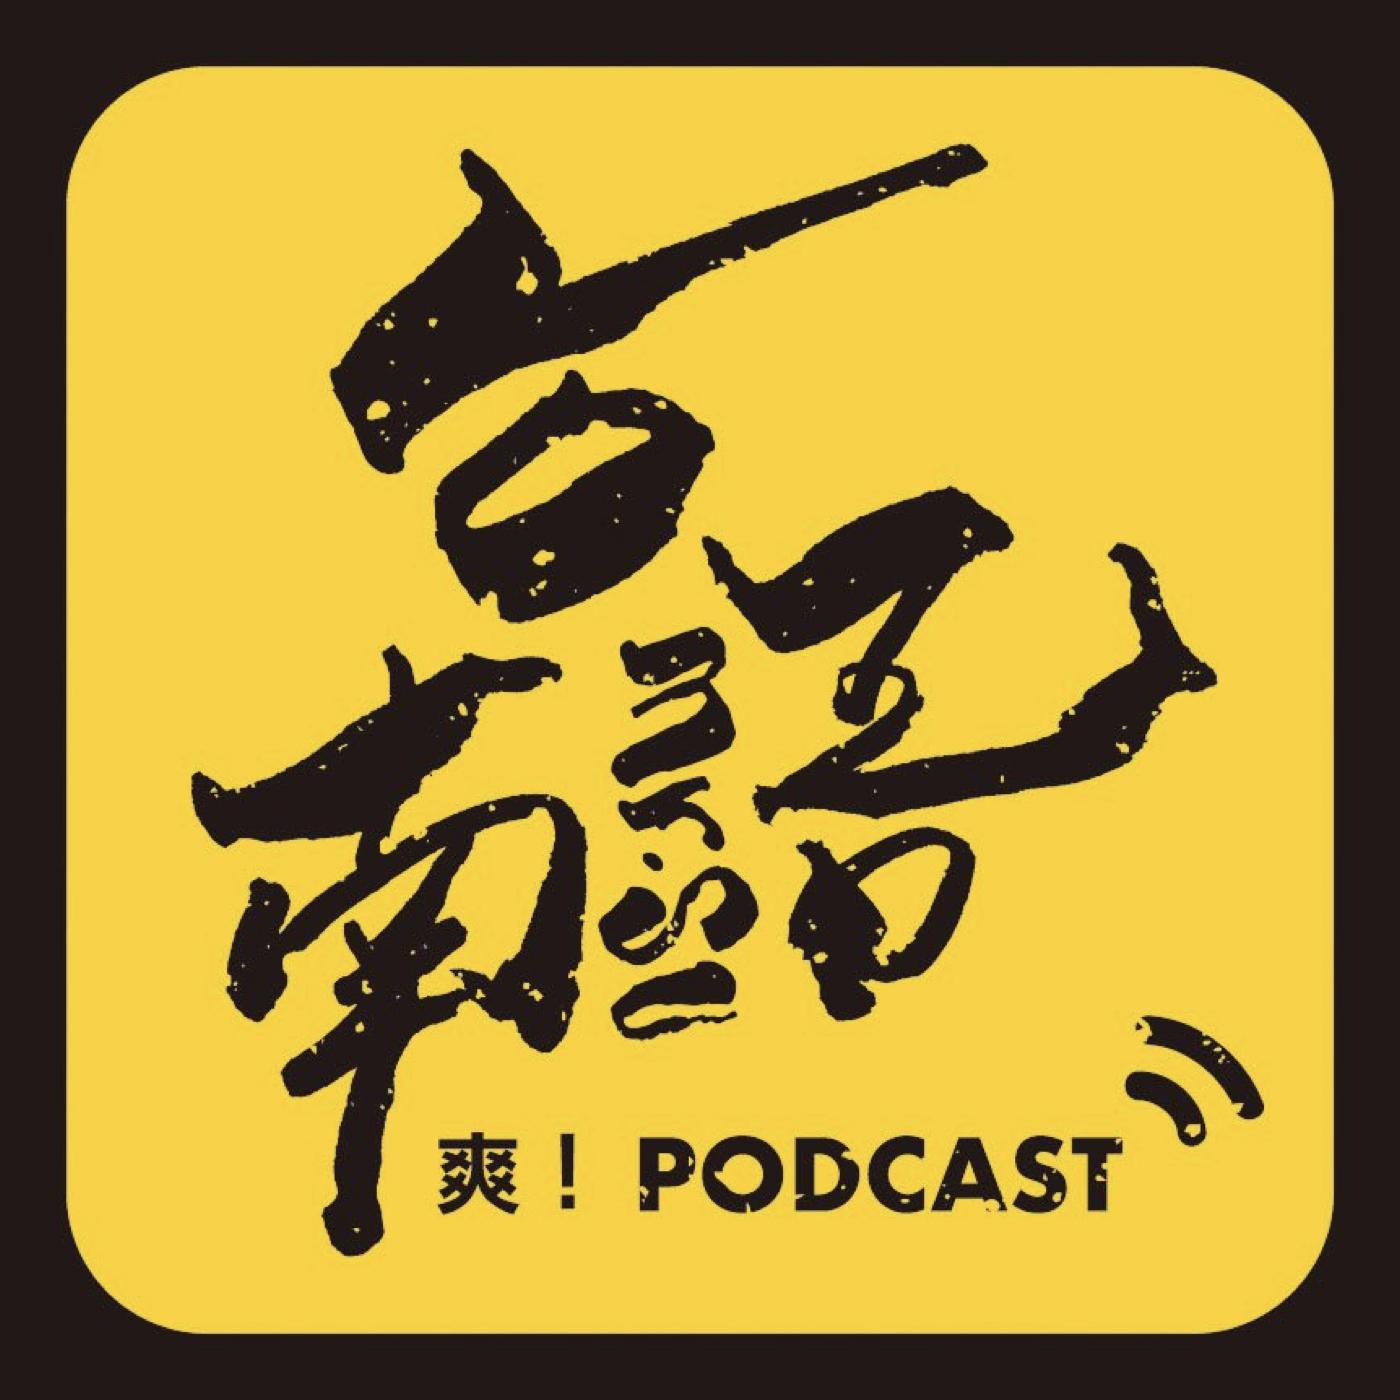 ▨ 蘇Ã▨青春台語廣播劇#2020國慶煙火在台南!#放屁安狗心